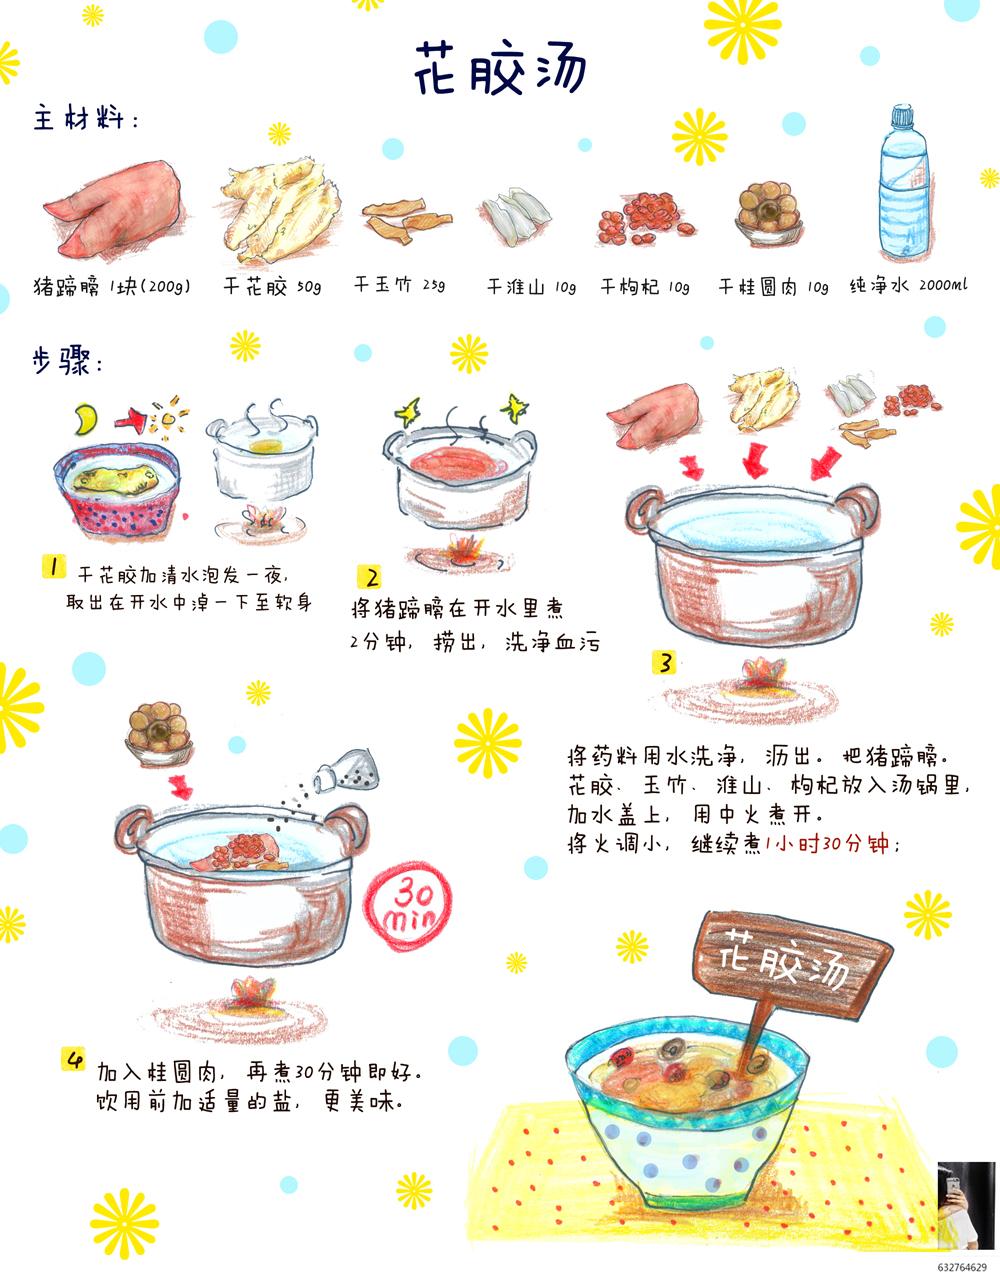 花胶汤/手绘食谱